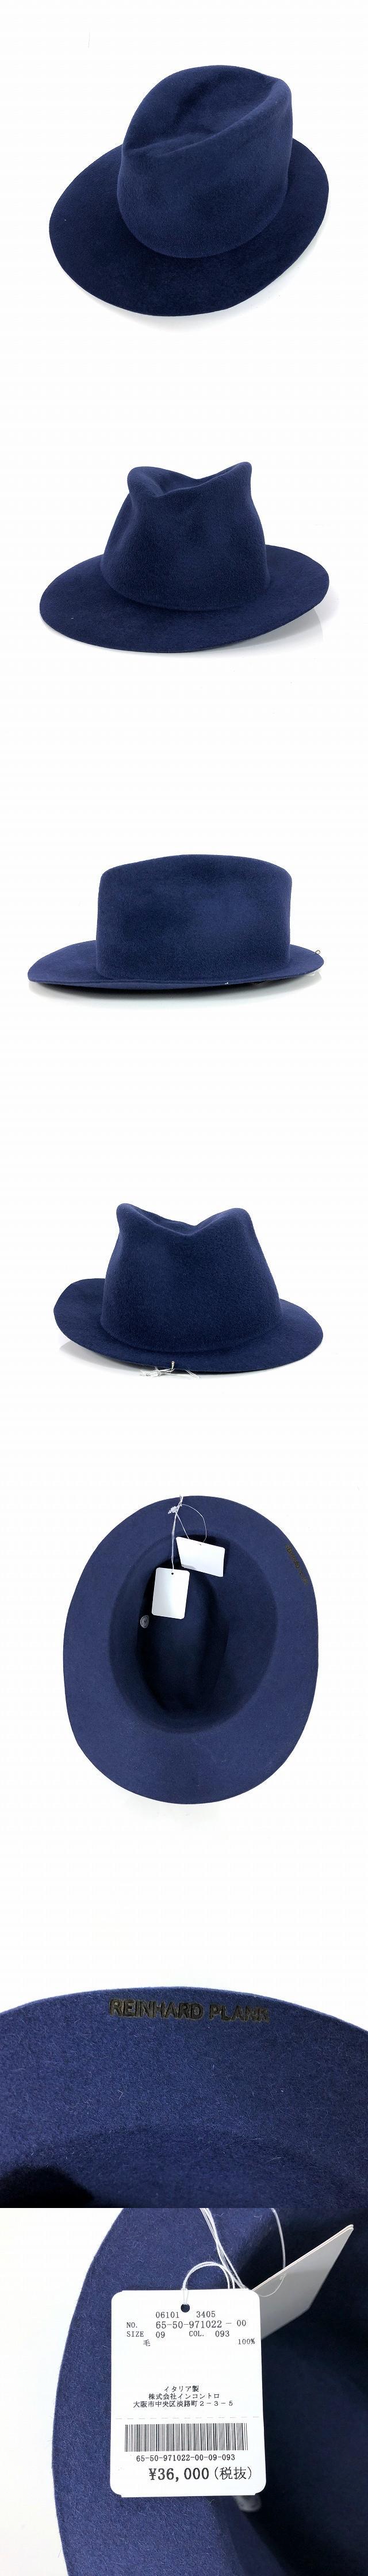 ウール 中折れ ハット 帽子 INDA LVE ネイビー 紺 SIZE 09 M 6550971022 col.093